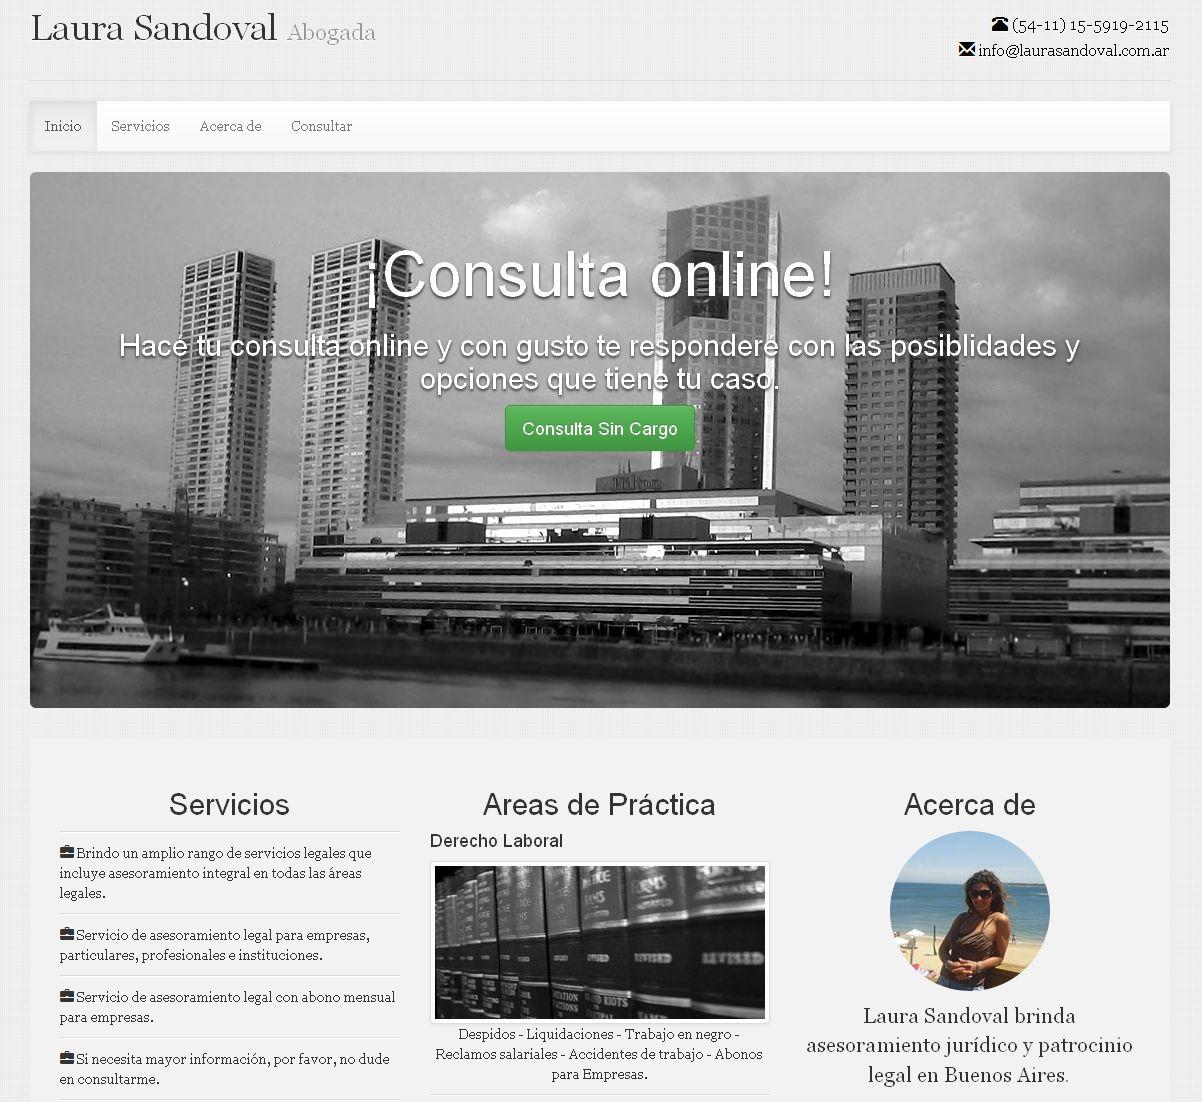 laurasandoval_com_ar Portfolio